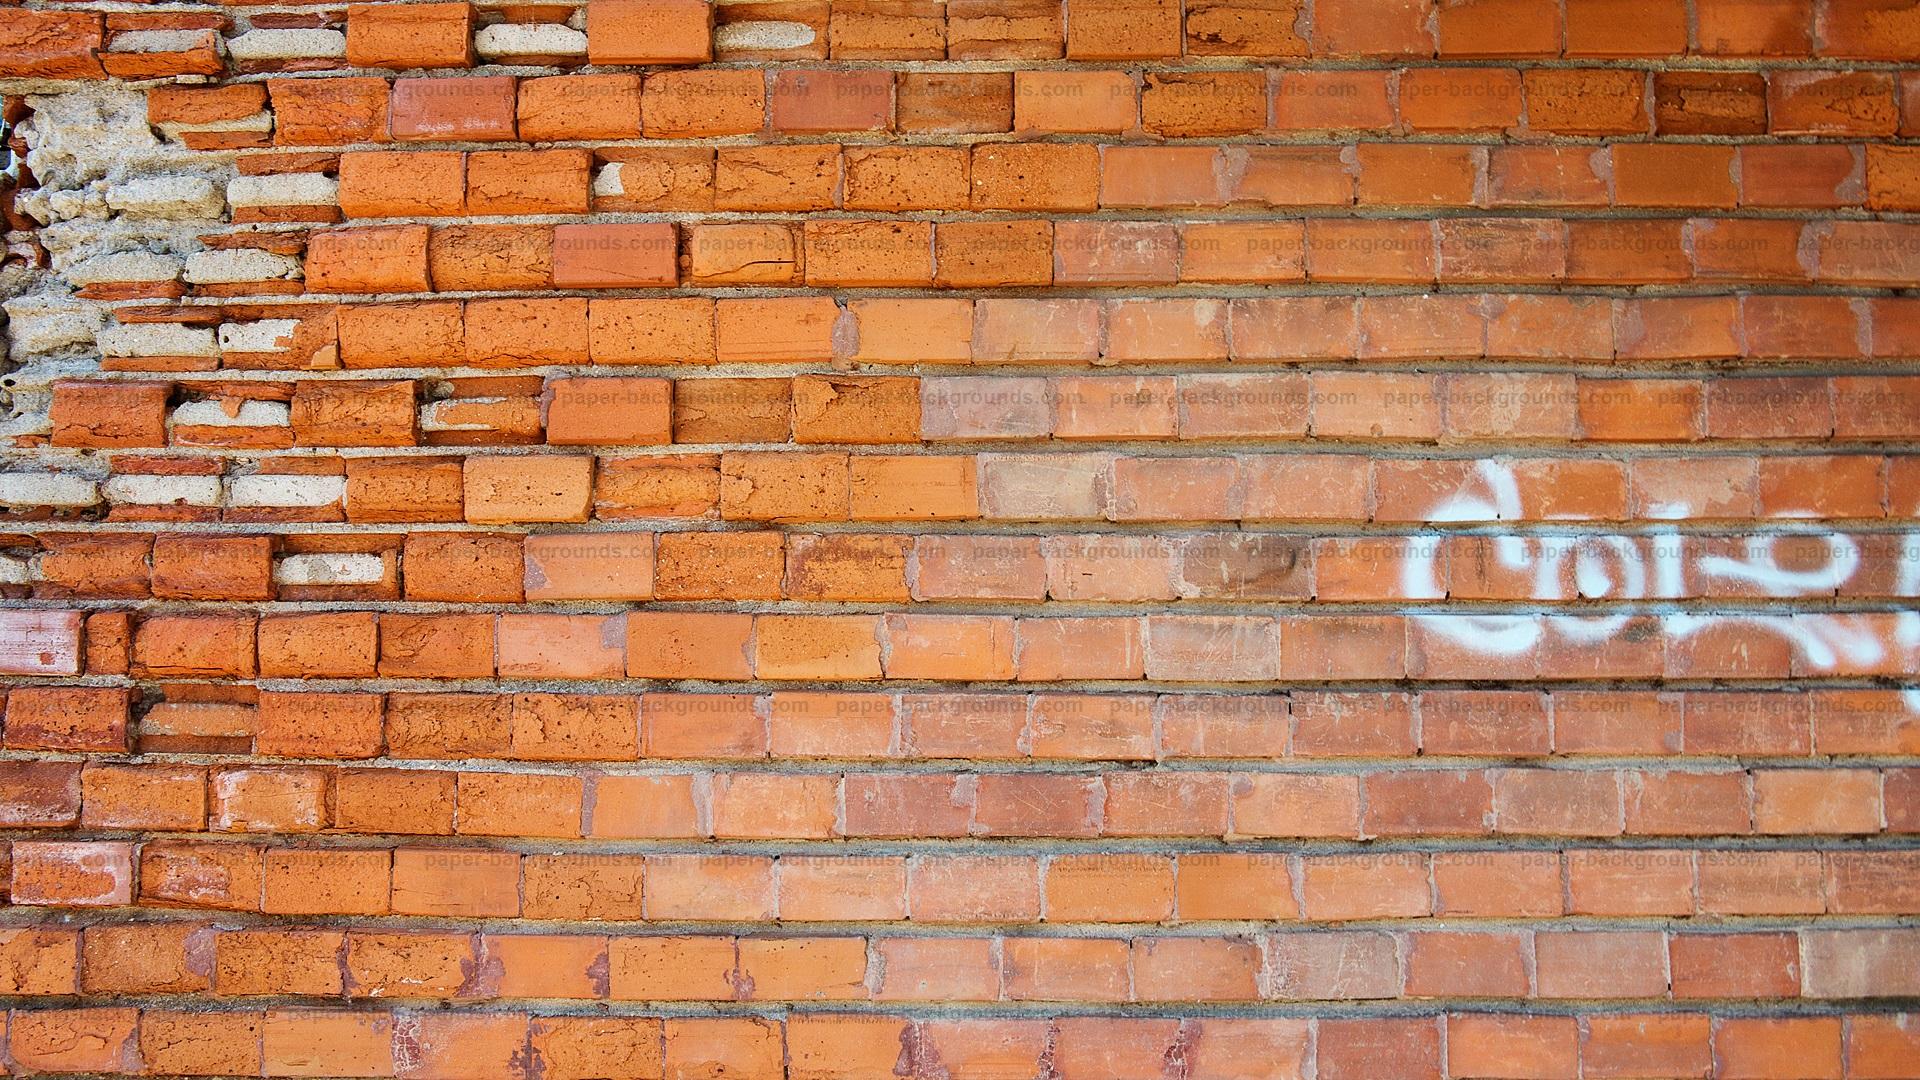 background brick old ground back textureimages 1920x1080